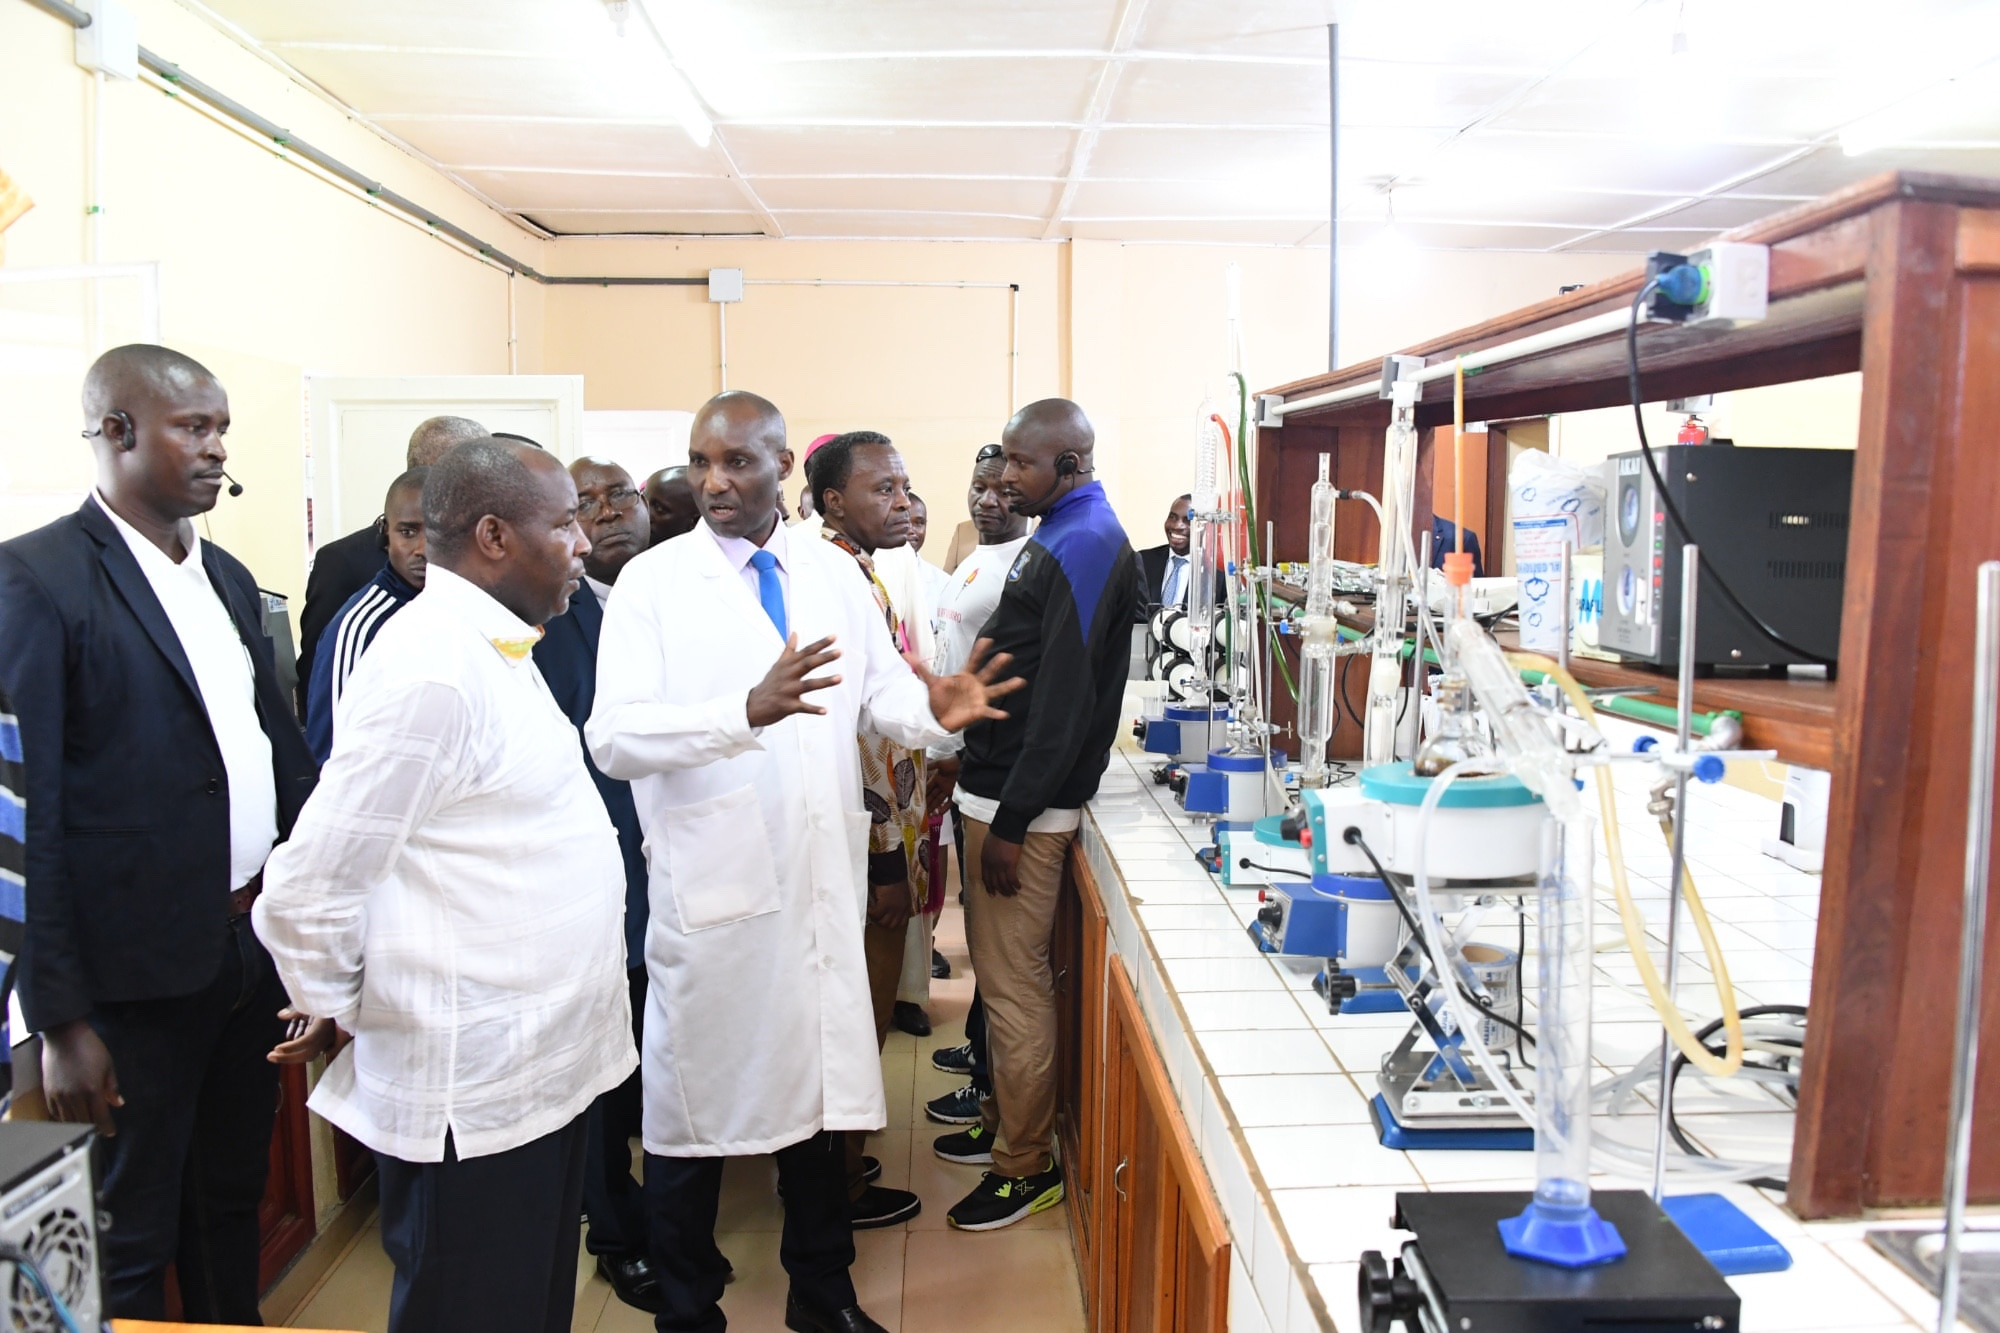 Le Chef de l'Etat inaugure un Centre de Recherche en Agriculture et Développement Rural à Ngozi